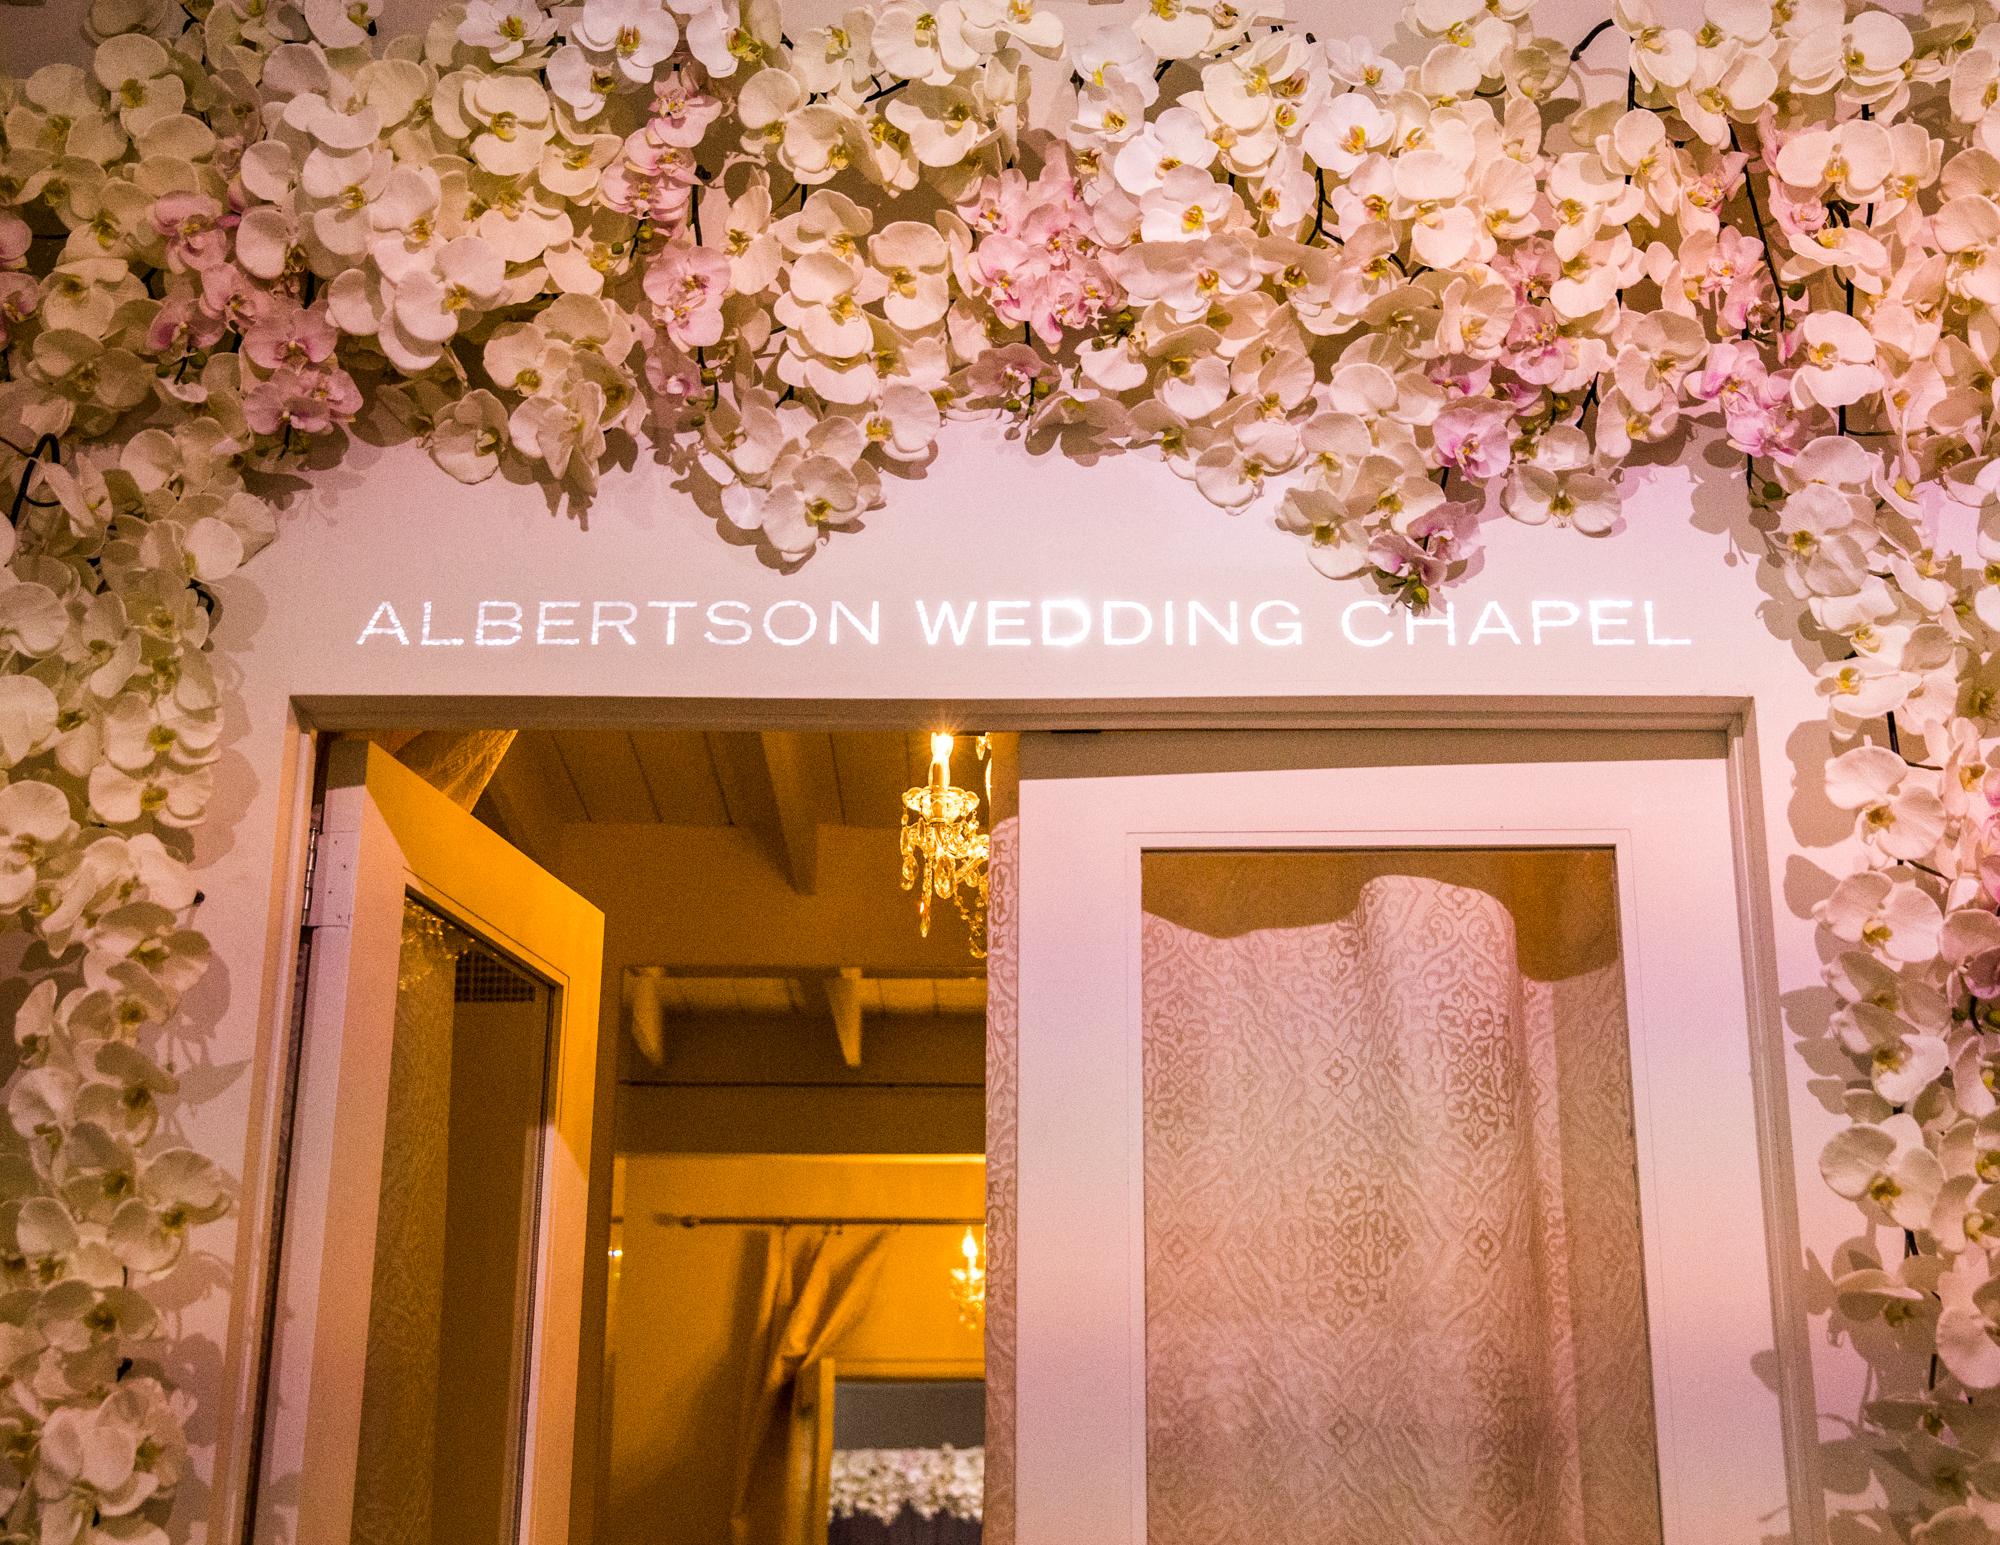 """Colleen Stavrakos Wedding Photography door surrounded by flowers, writing above door reading """"Albertson wedding chapel"""""""